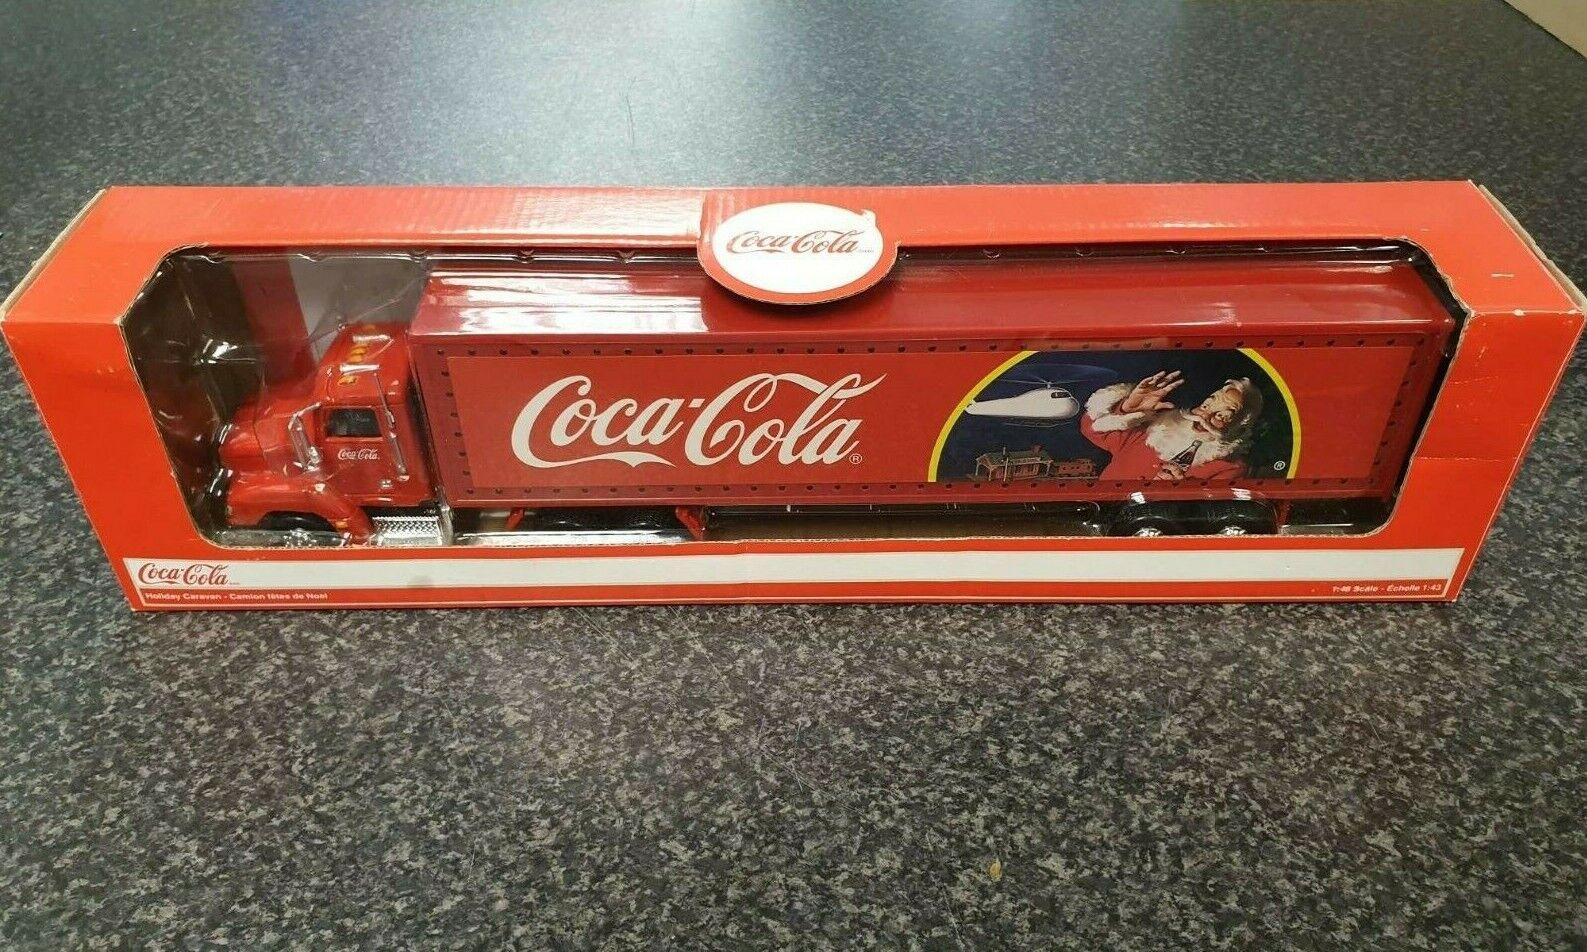 (Pa2) Coca-Cola  Vacances voitureavane Camion, échelle 1 43, Comme neuf in box, die cast, Lumières  pas de minimum